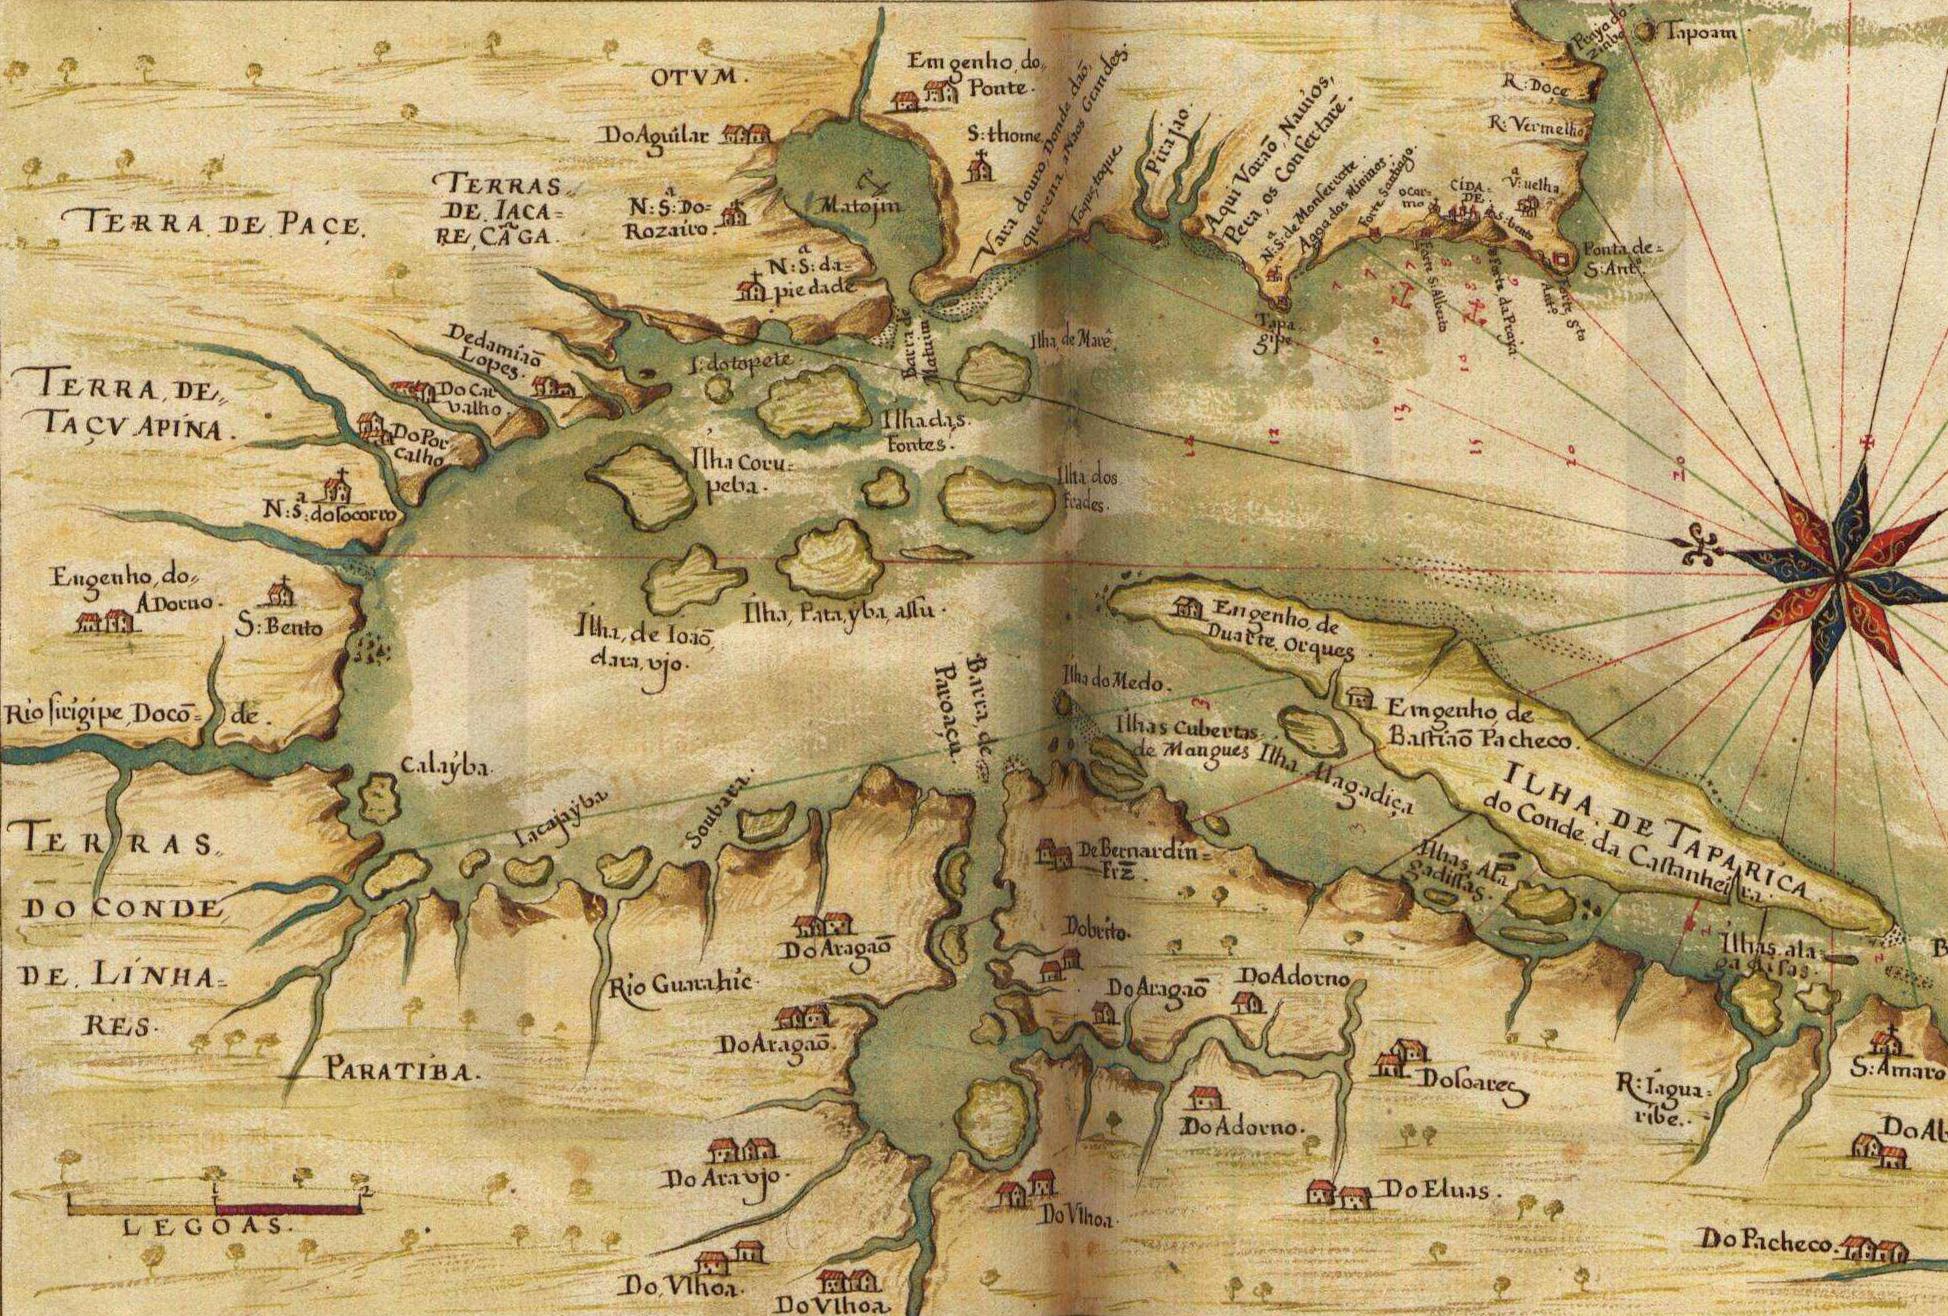 História e características da Baía de Todos os Santos - vídeo